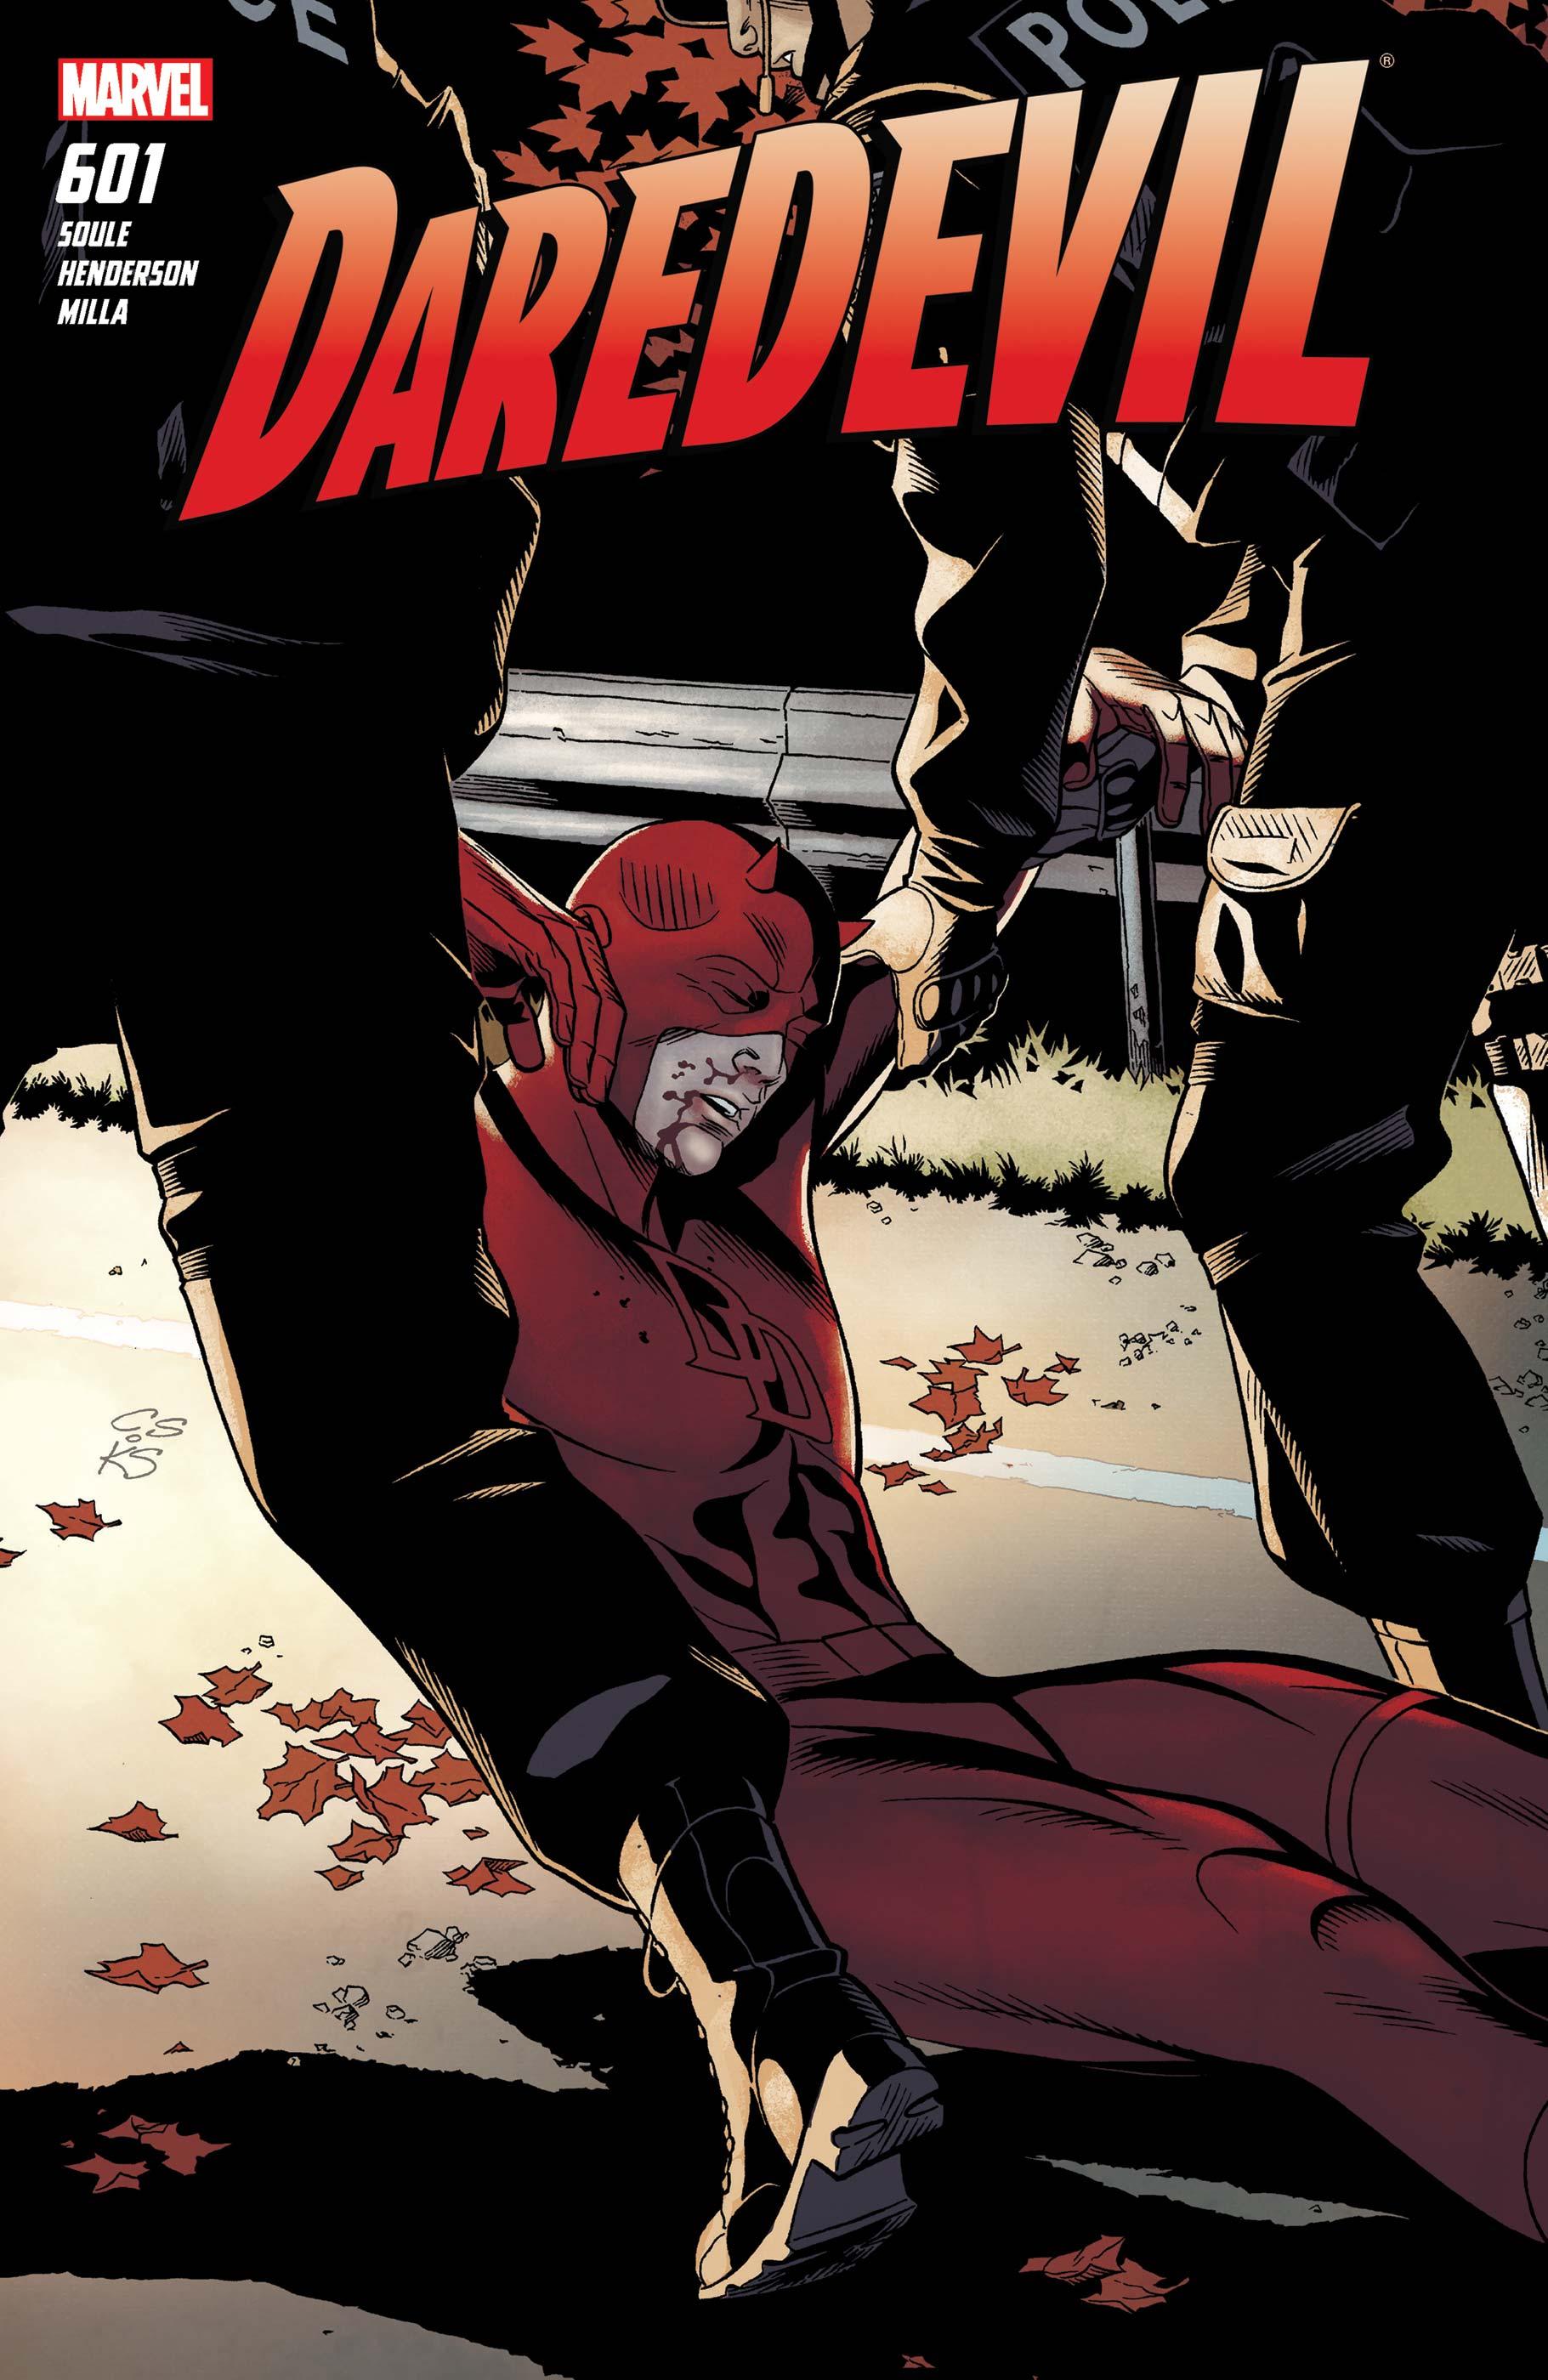 Daredevil (2015) #601